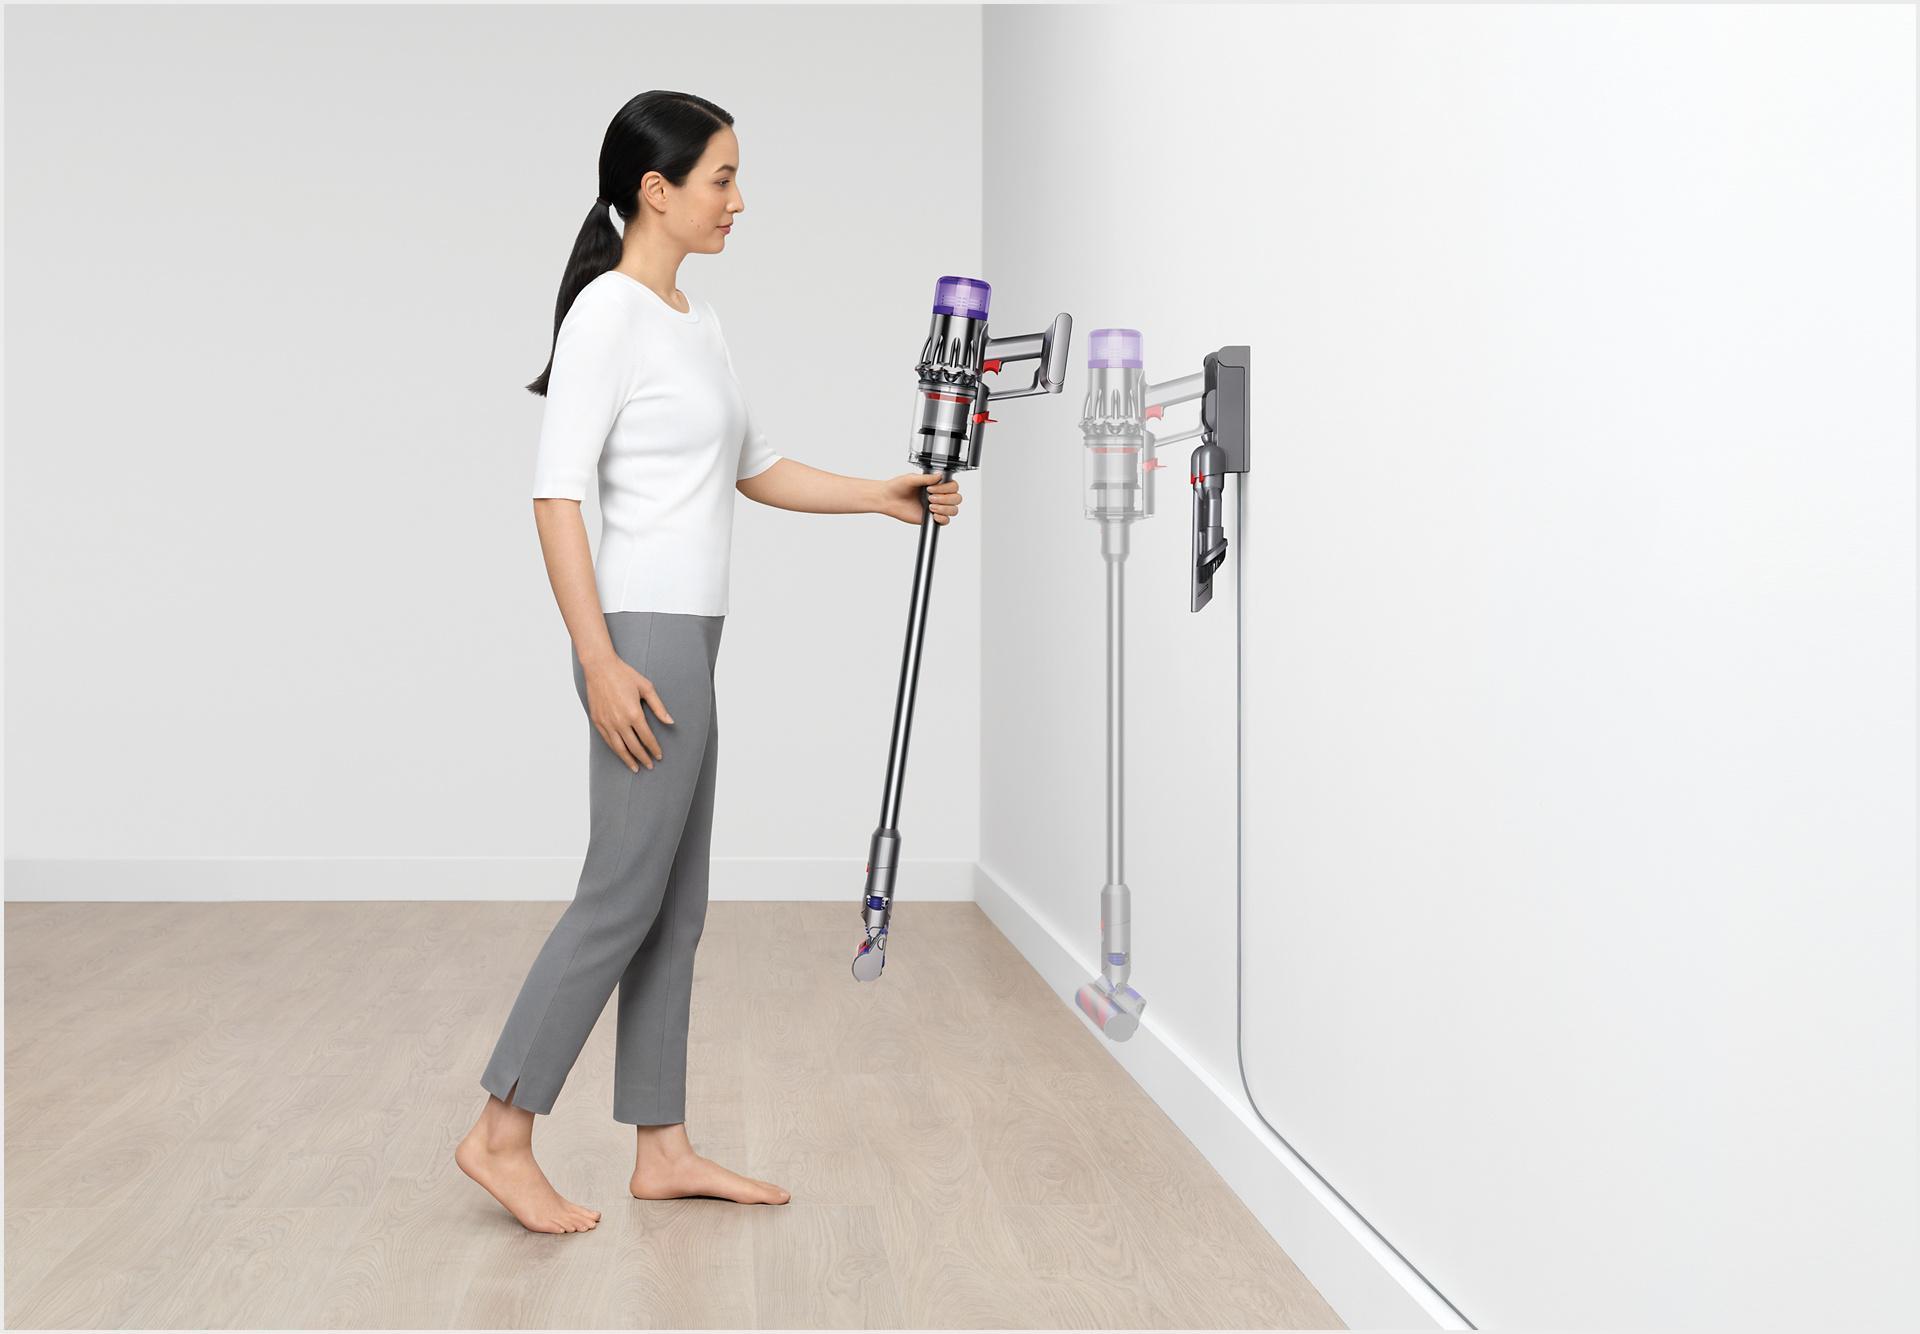 เครื่องดูดฝุ่น Dyson Digital Slim™ ขณะถูกวางลงบนแท่นติดผนัง